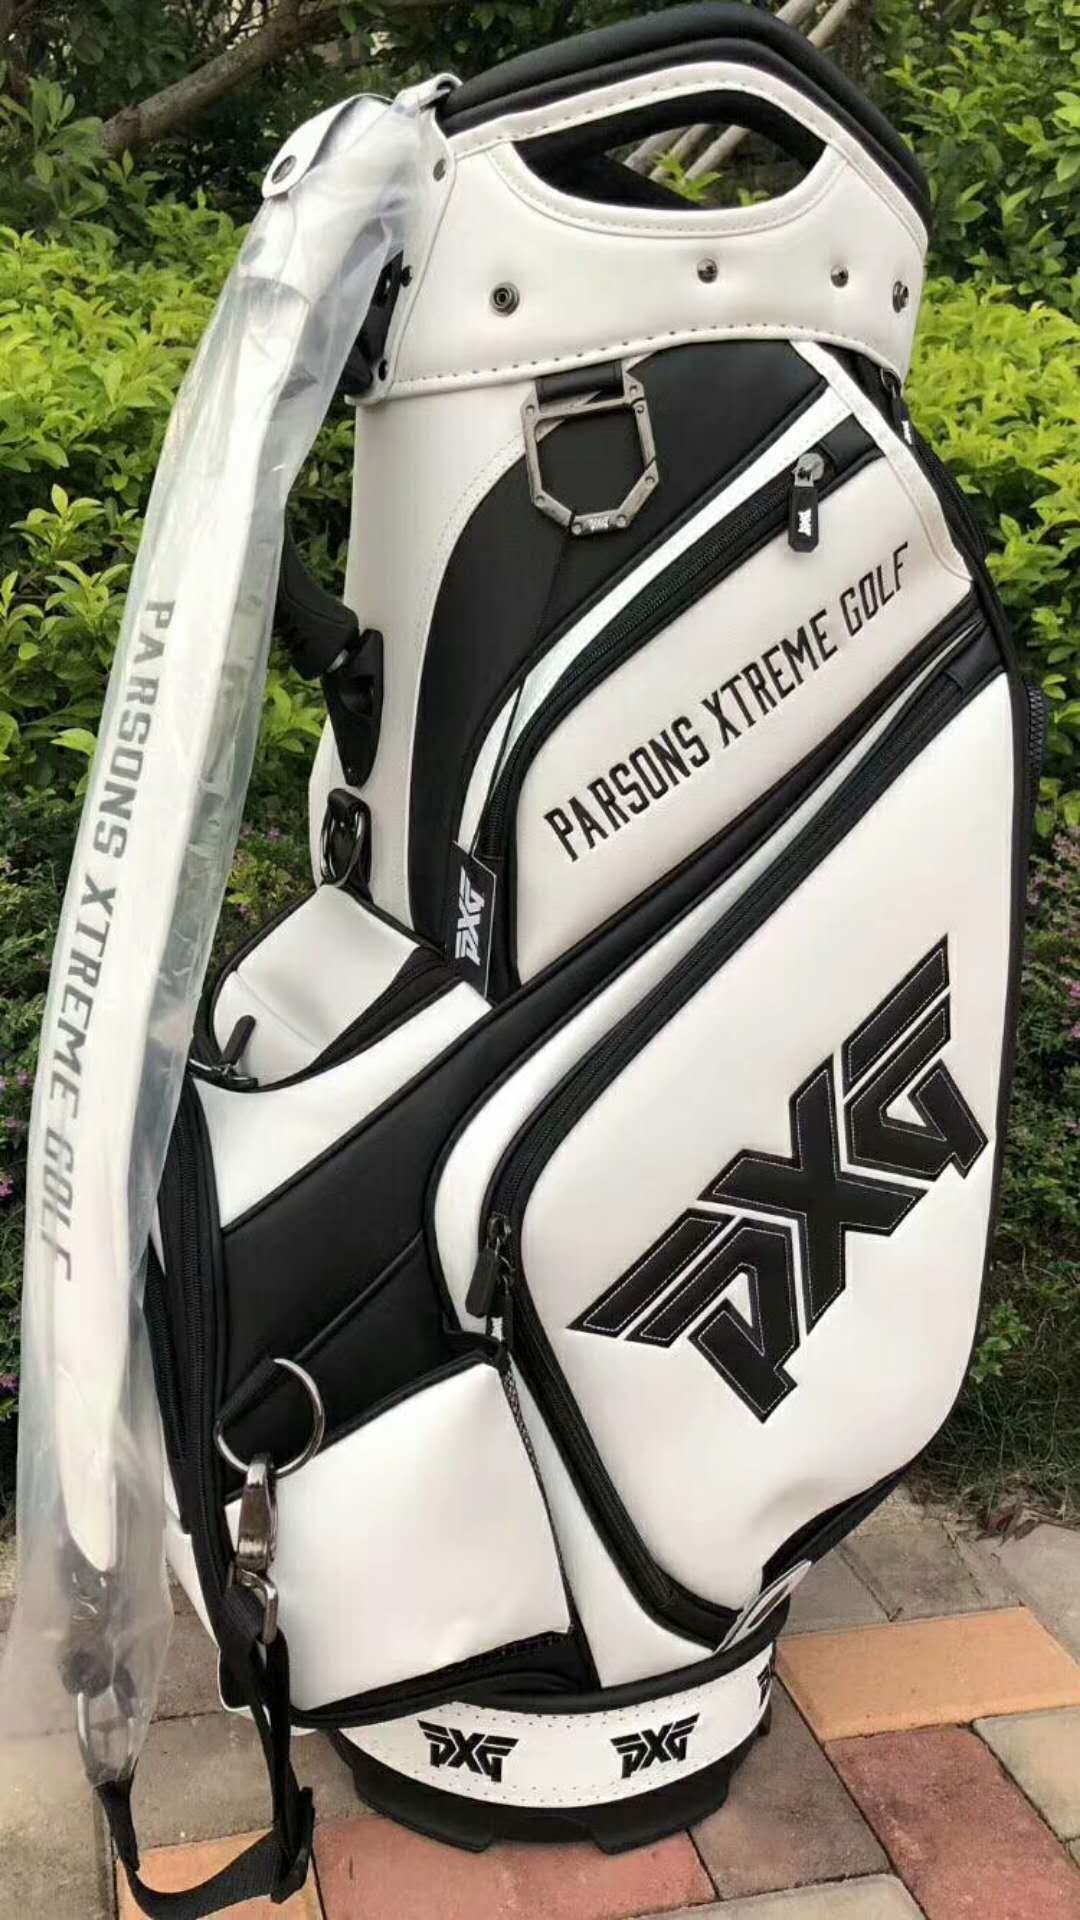 PXG tour golf bag -white